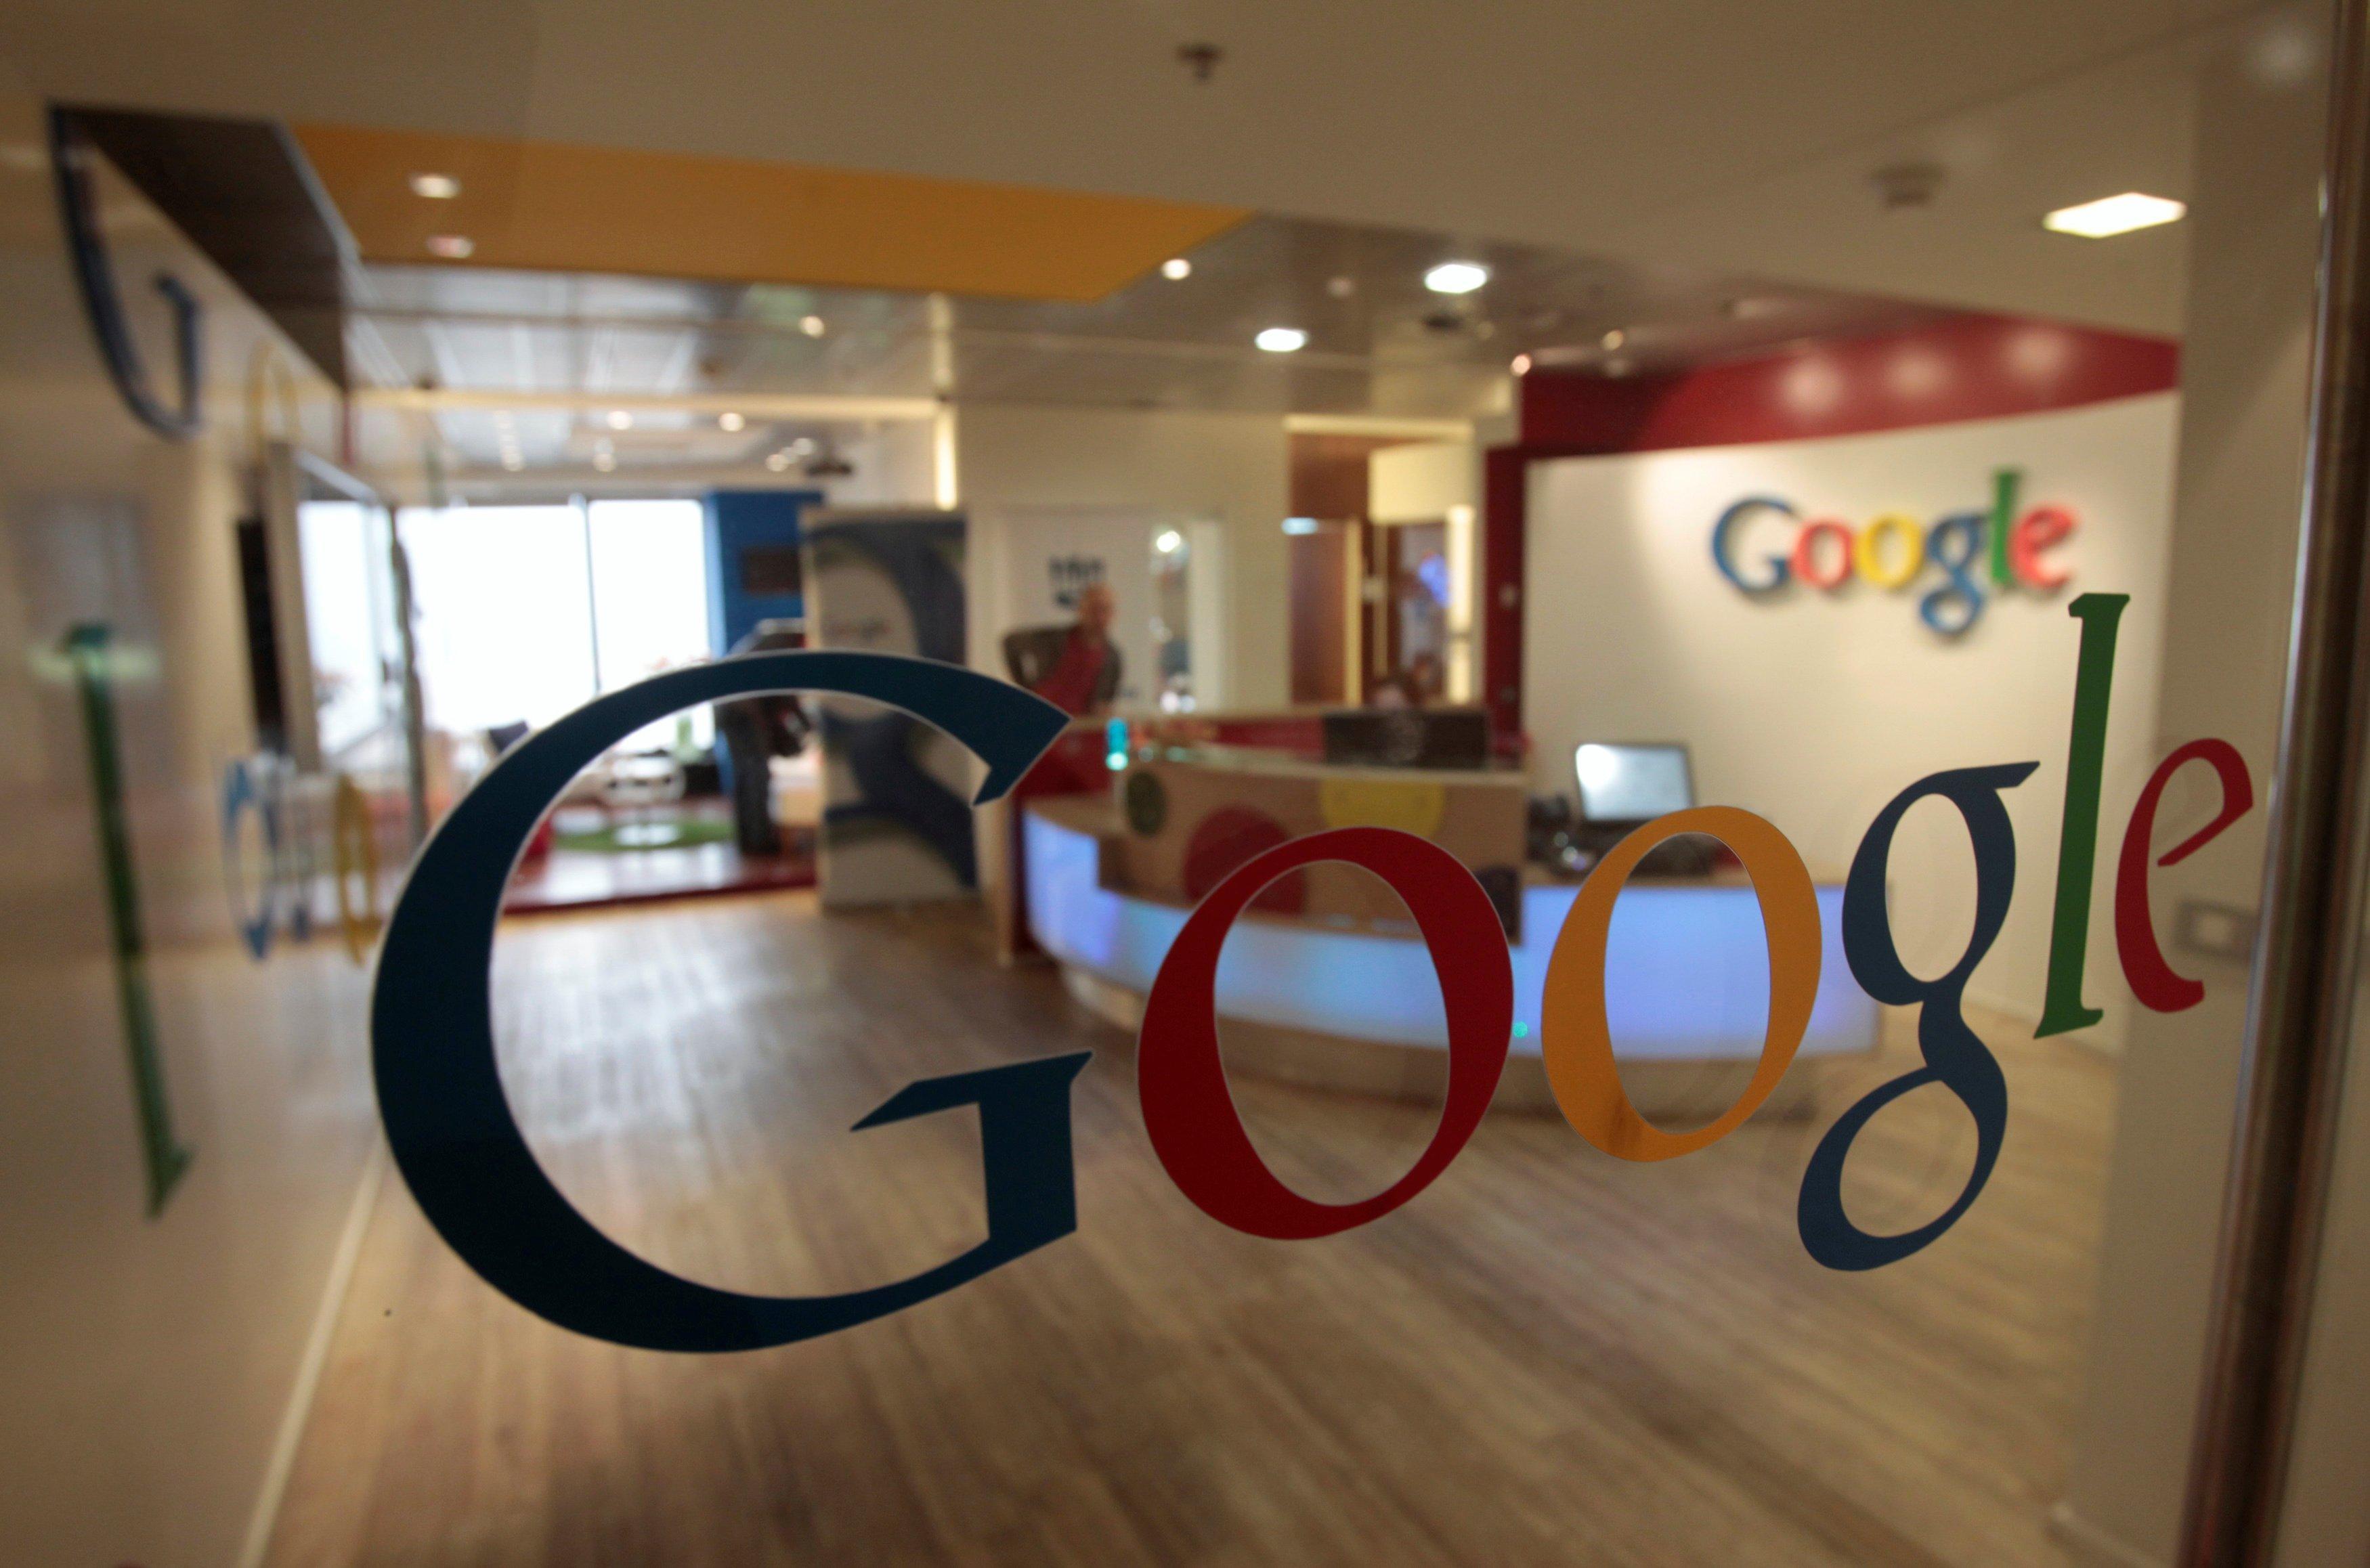 قوانین گوگل ادورز حرفه ای